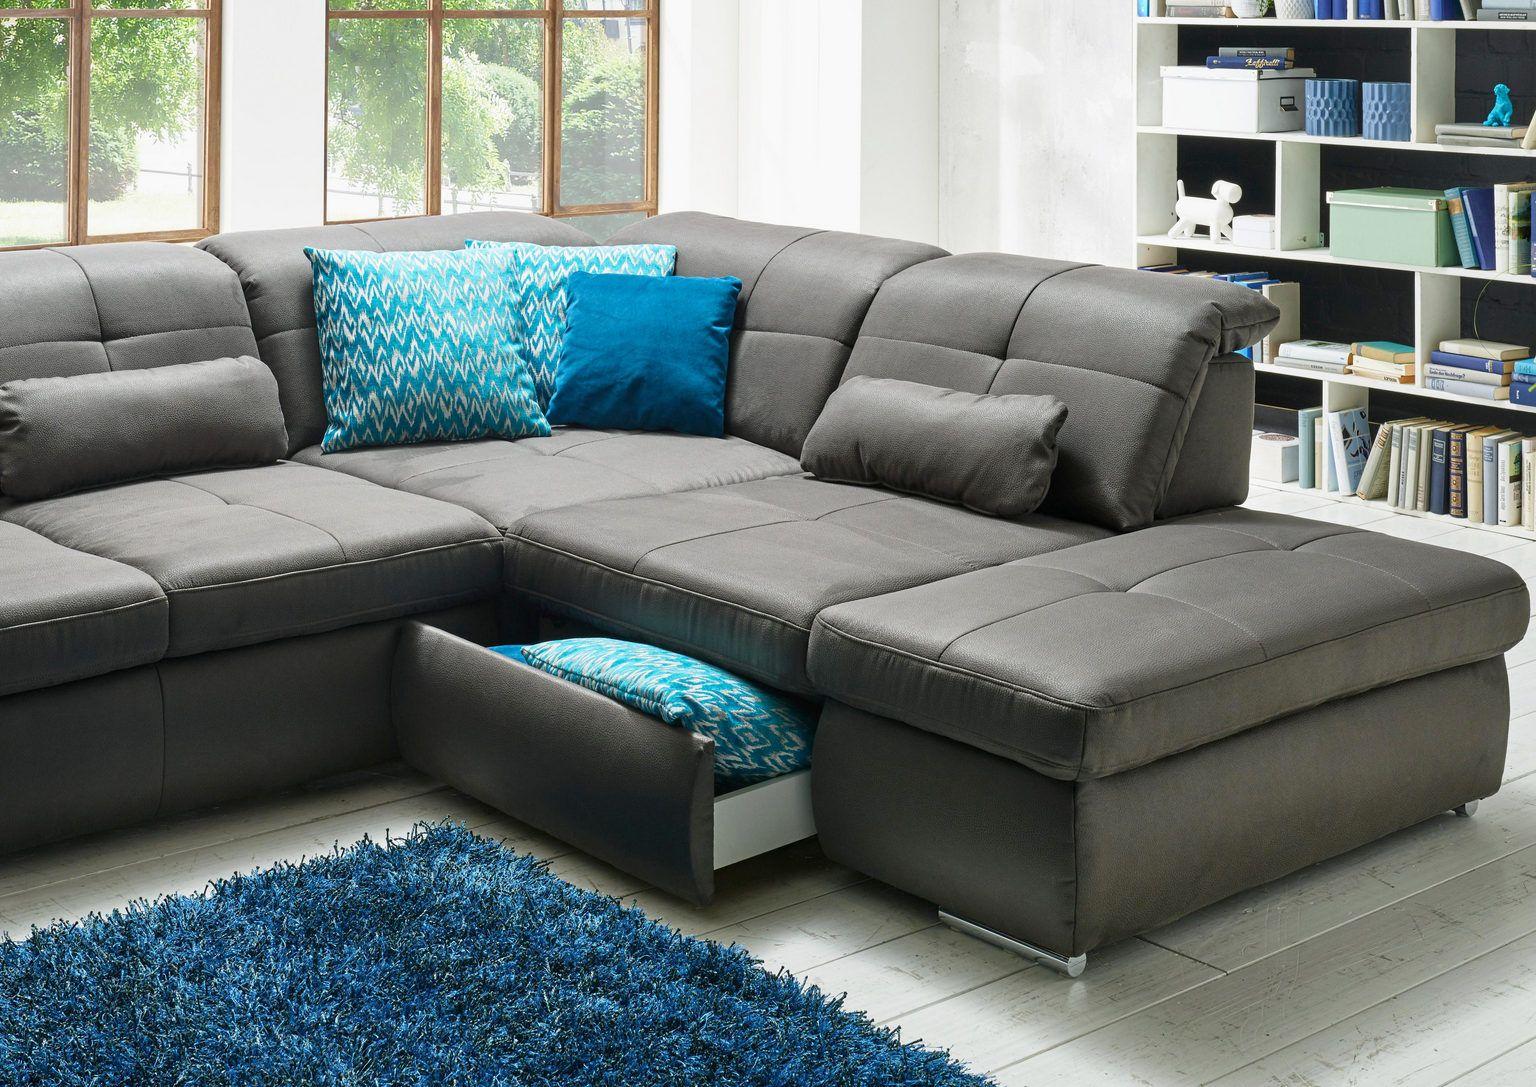 Wohnlandschaft In Textil Grau Online Kaufen Xxxlutz Couch Mobel U Formiges Sofa Wohnlandschaft